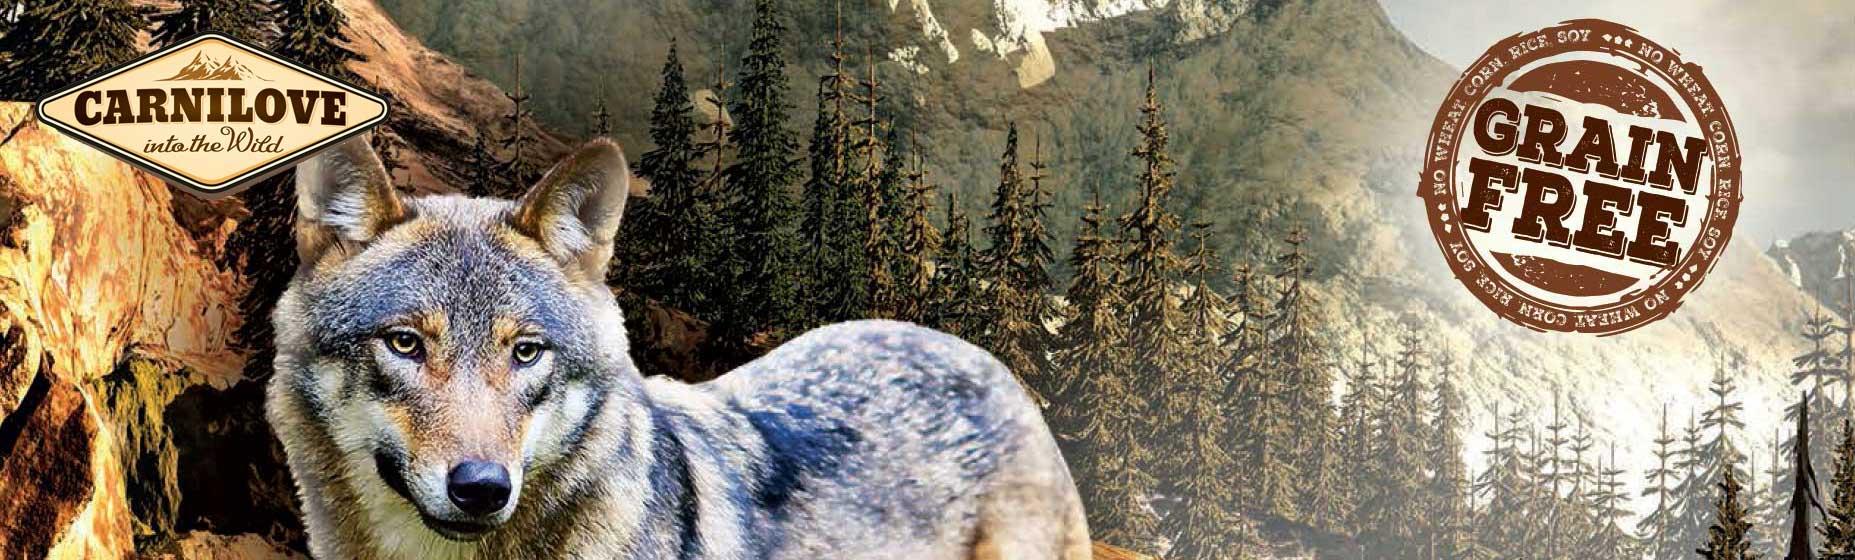 CARNILOVE Hundefutter online